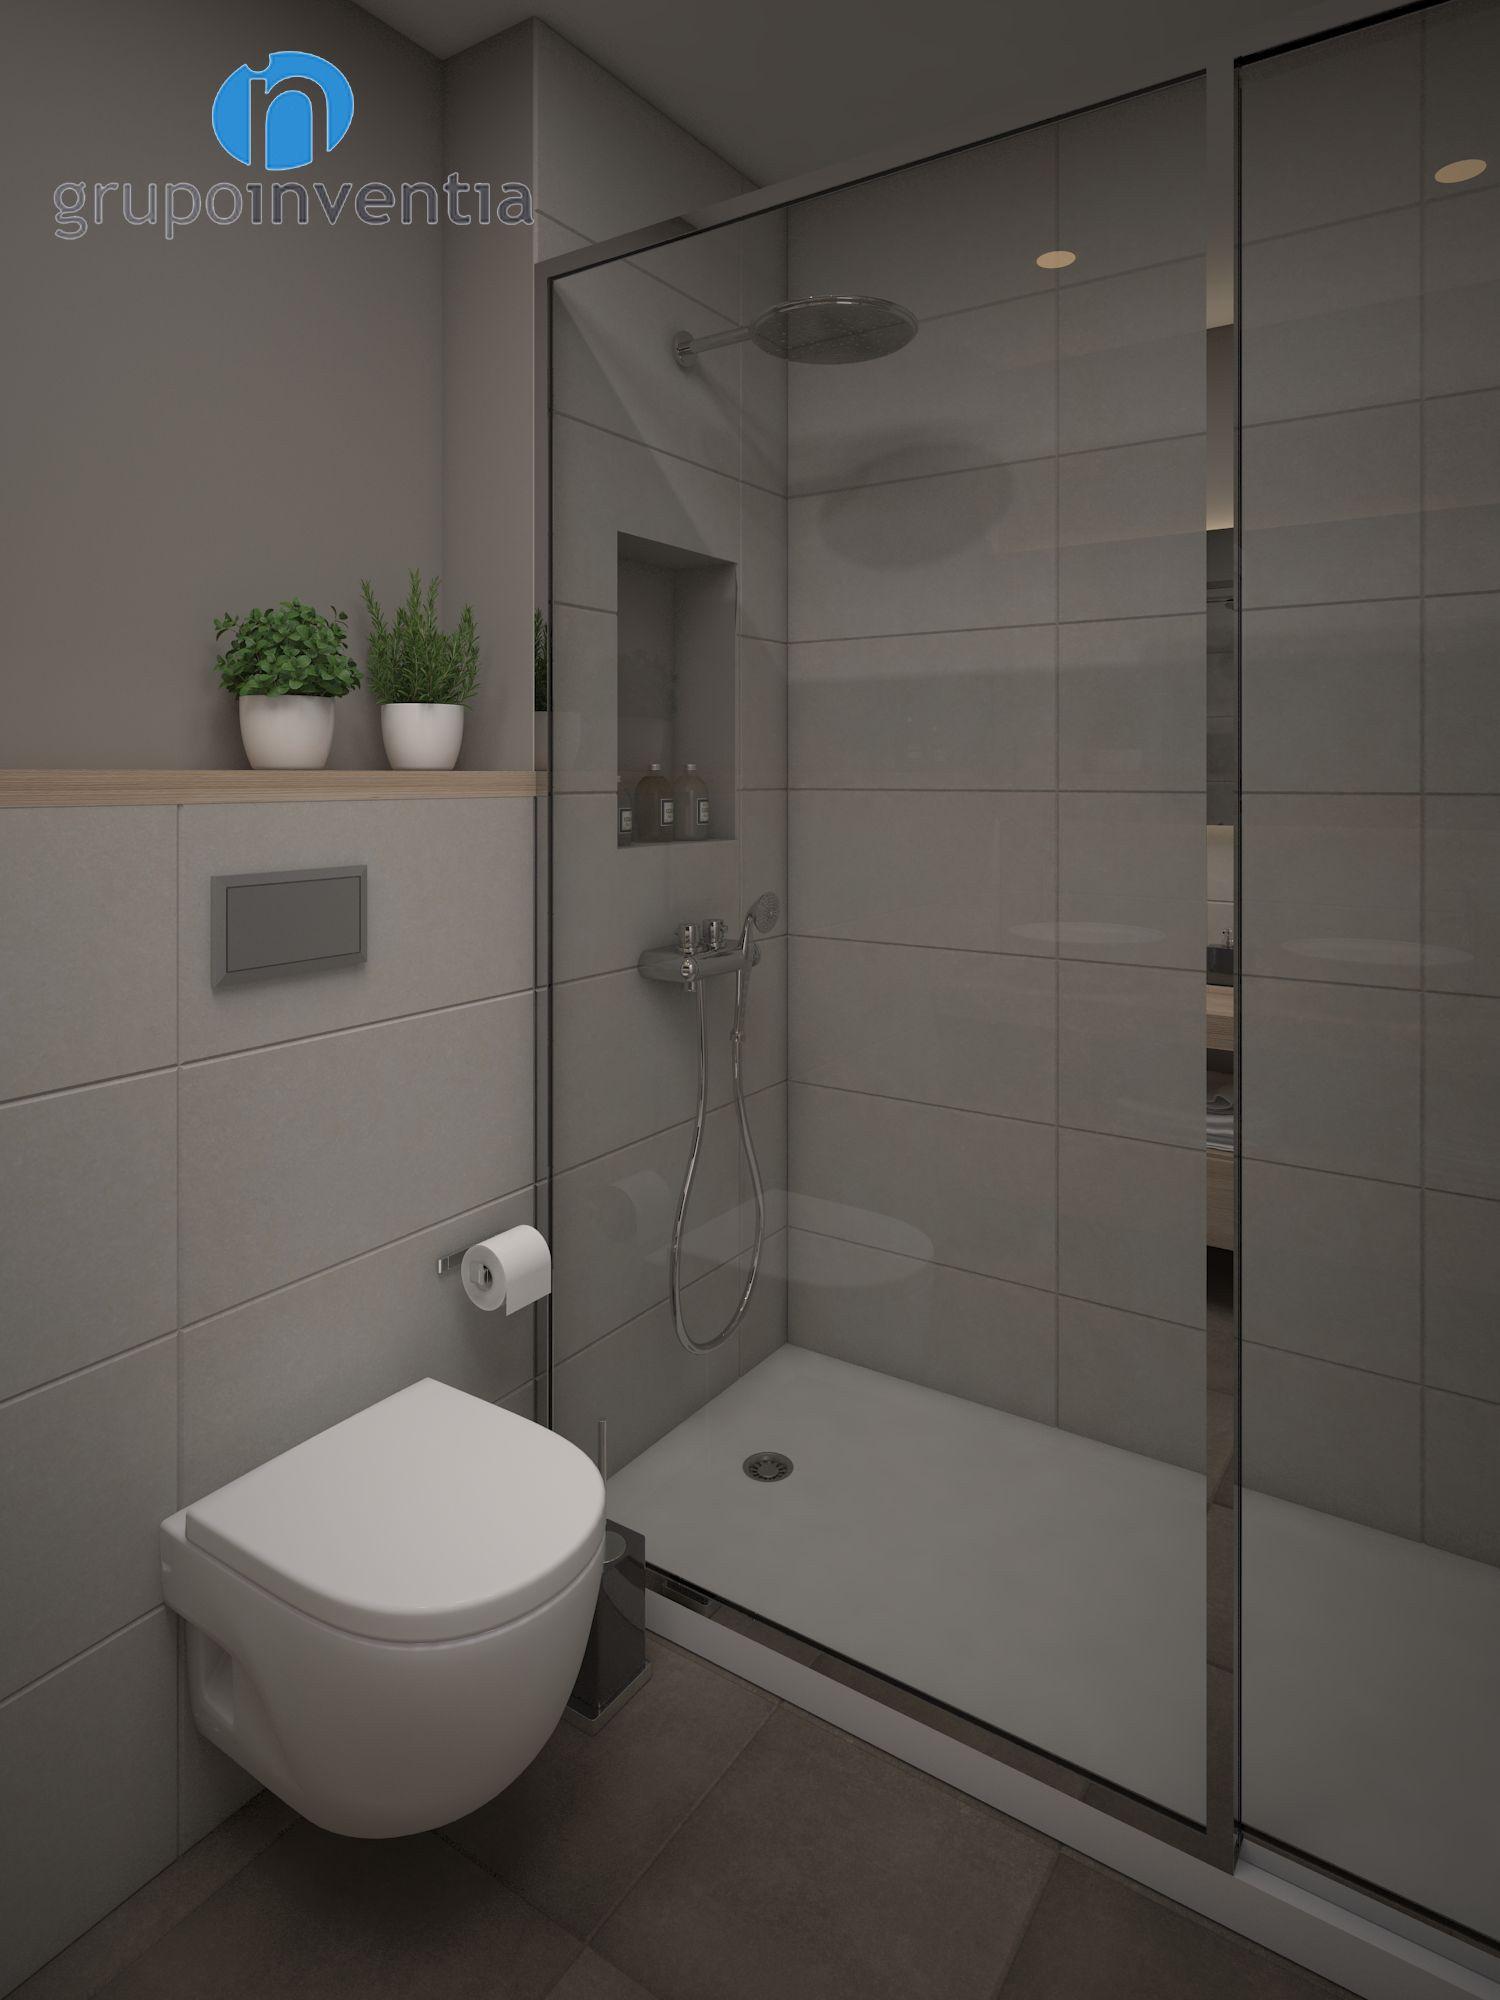 La reforma de ba o contar con un inodoro suspendido y una amplia ducha l pinterest - Banos y duchas ...